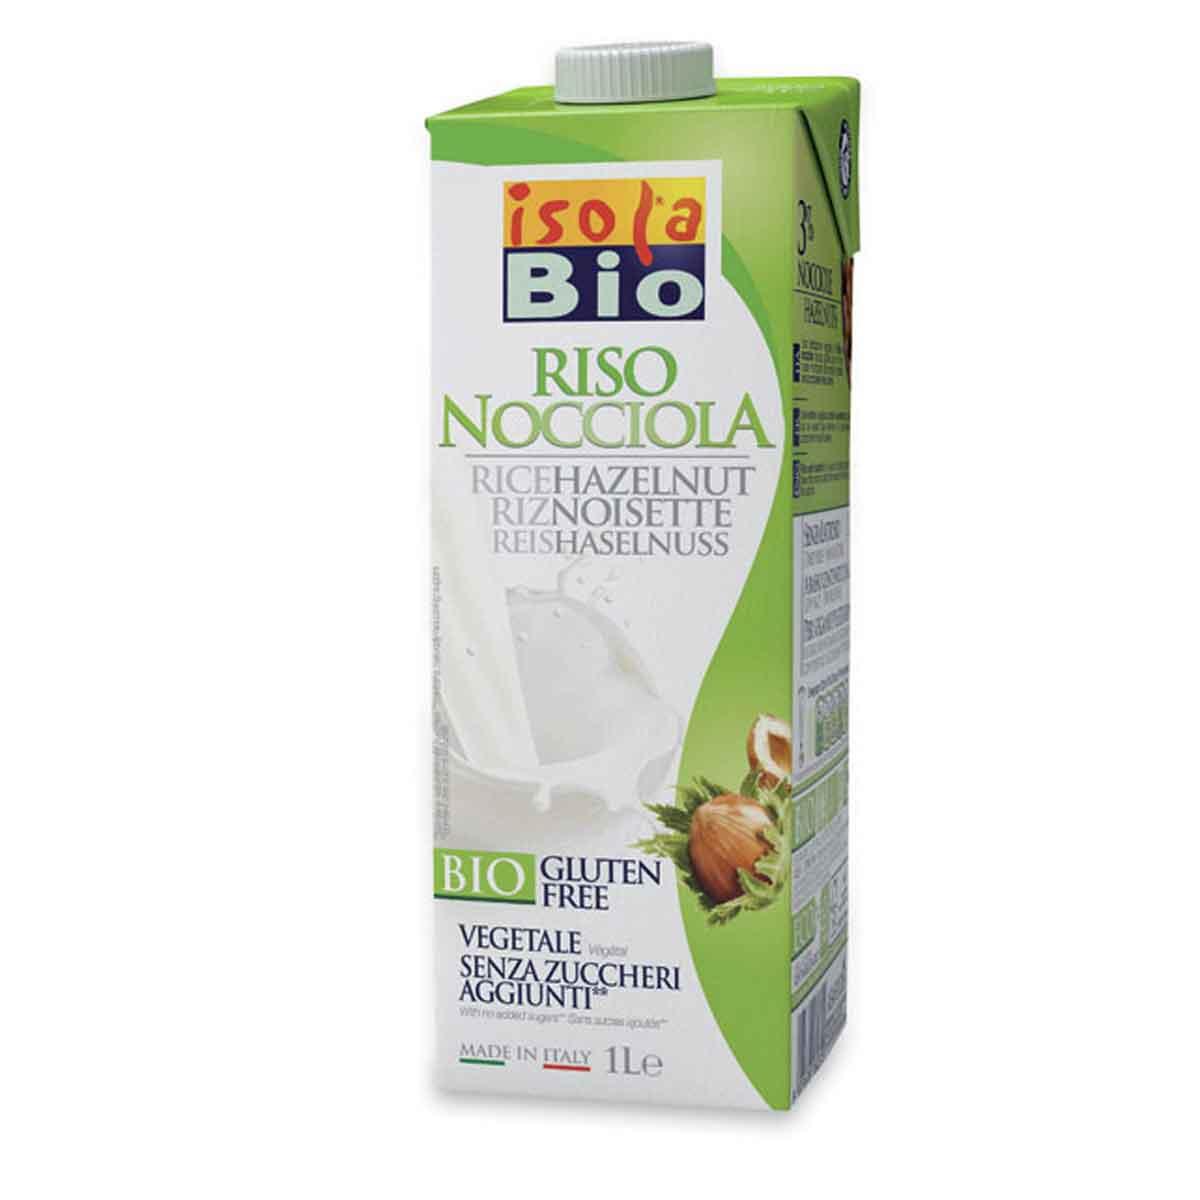 Isola bio Riso nocciola drink